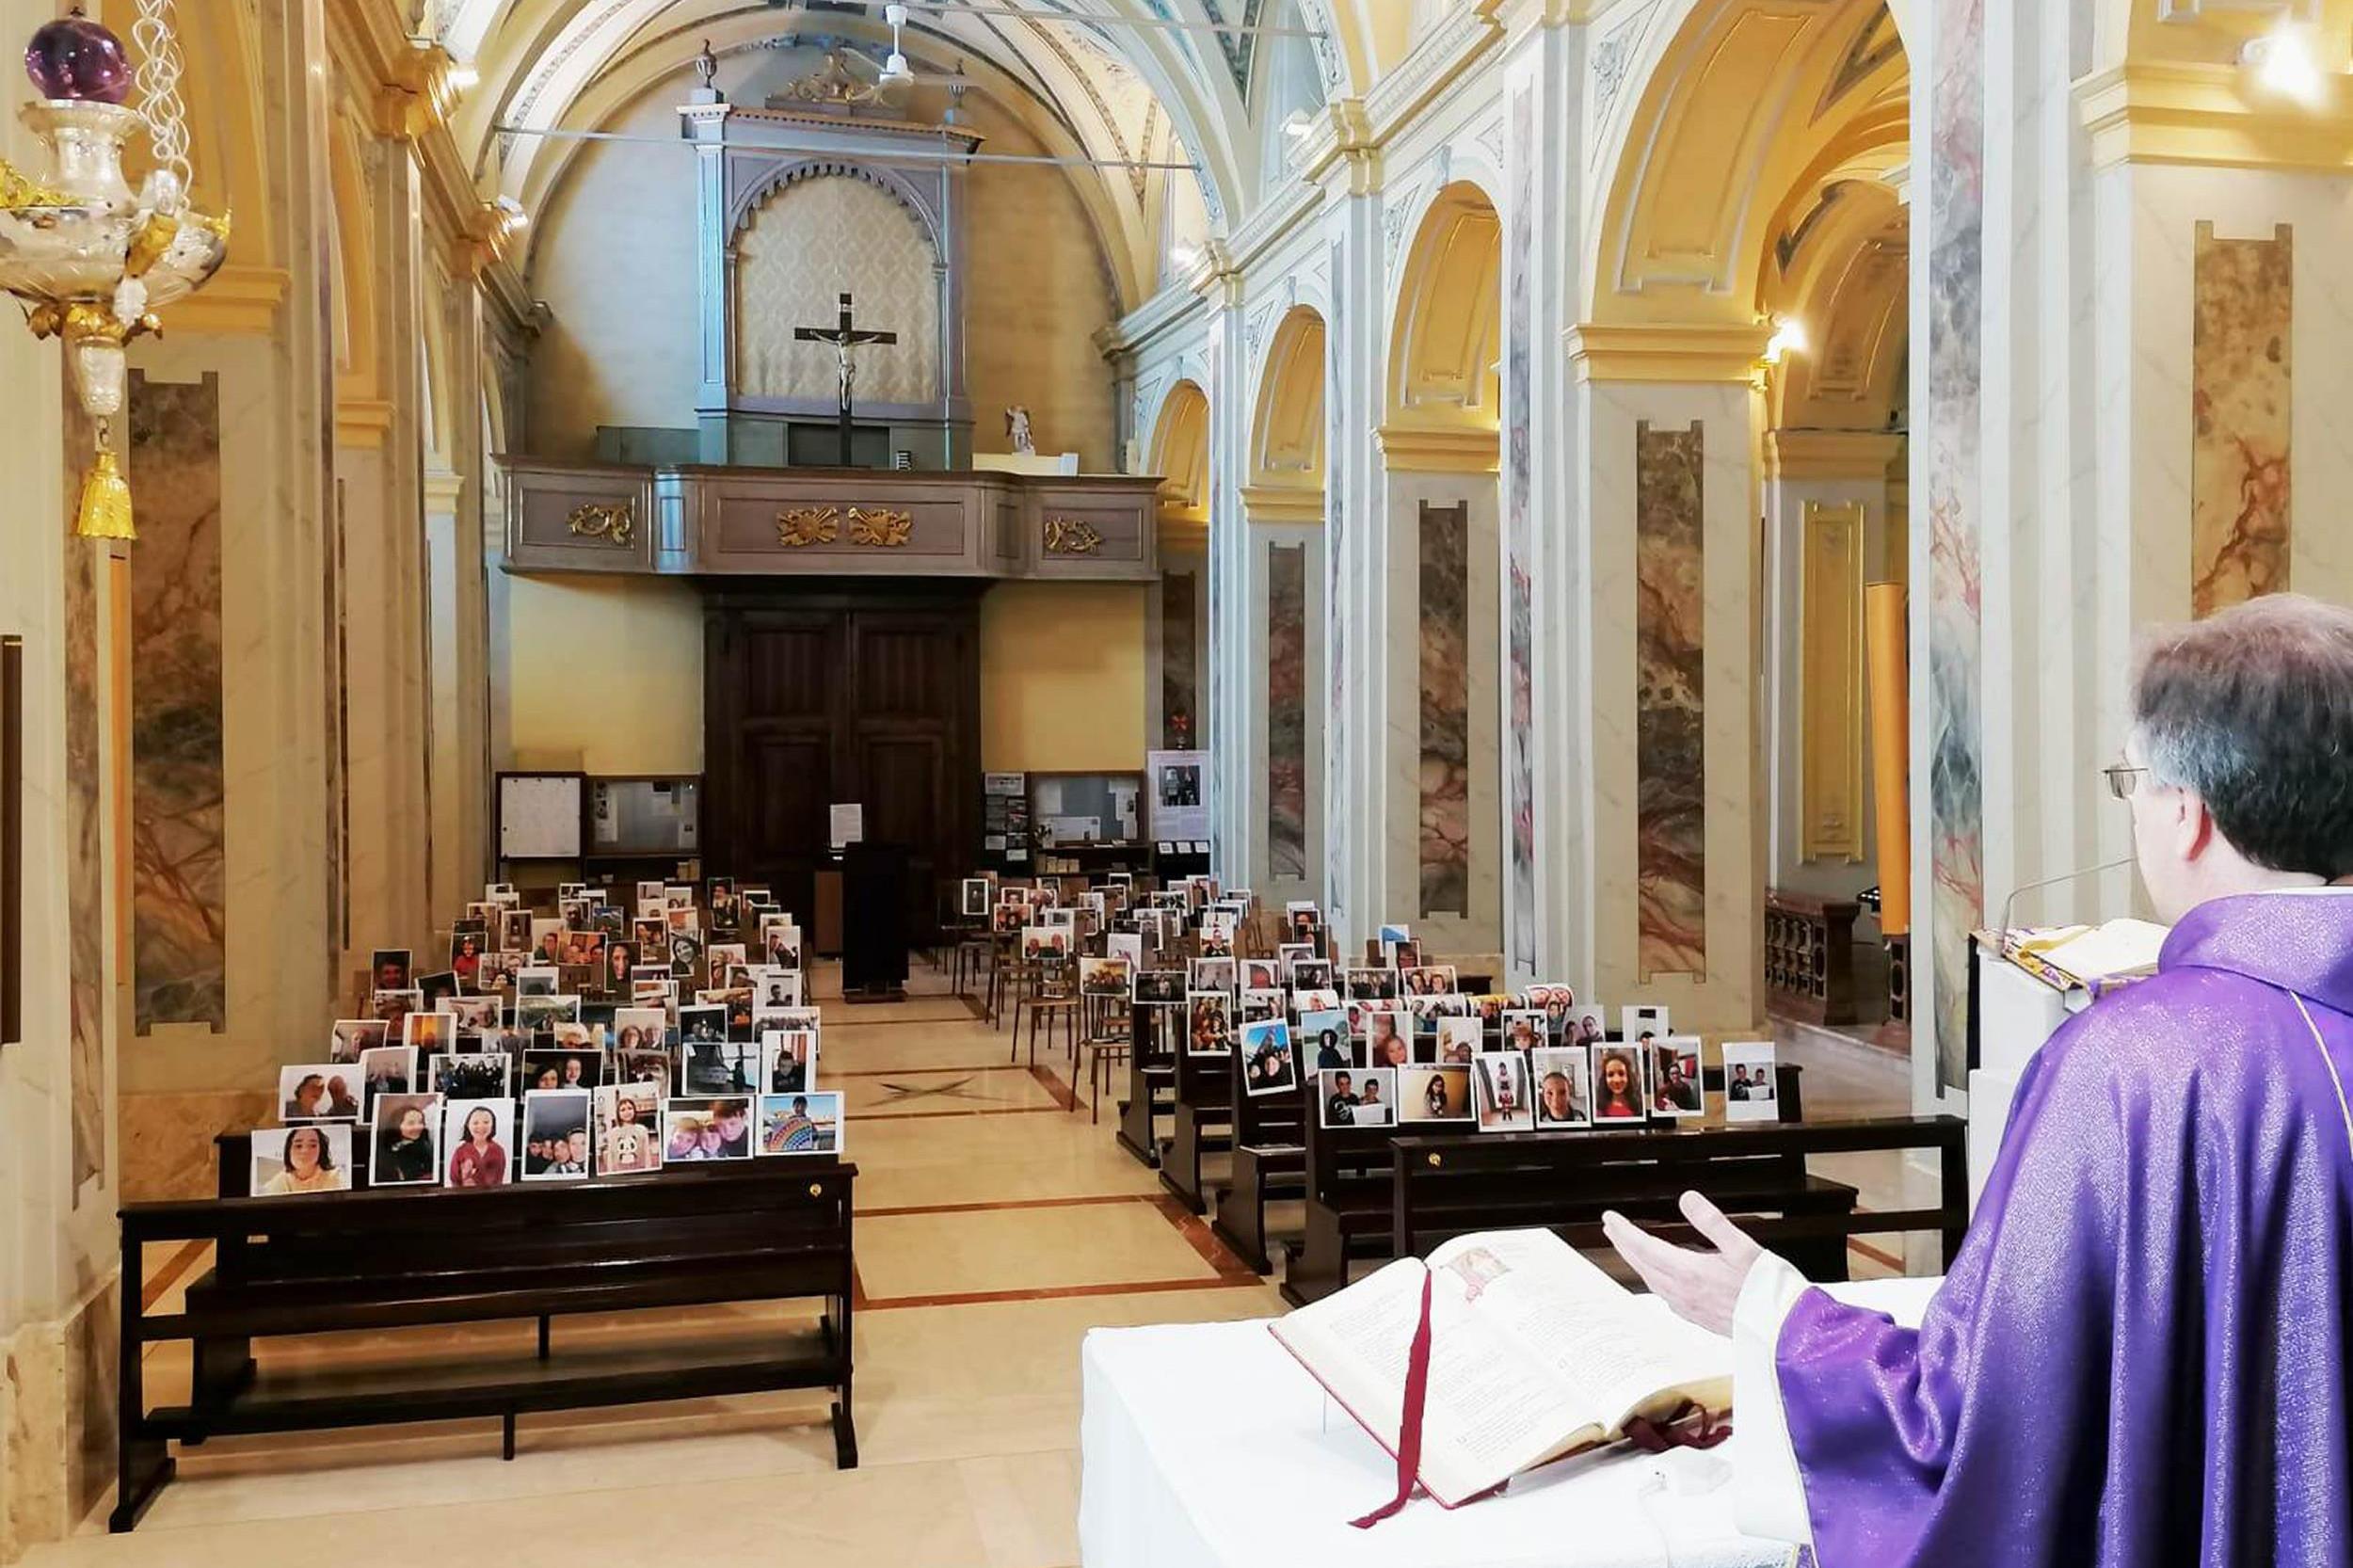 Sveštenik rimokatoličke crkve drži misu pred fotografijama svojih parohijana zalepljenih na praznim klupama u jednoj crkvi na periferiji Milana (Foto: Father Giuseppe Corbari)